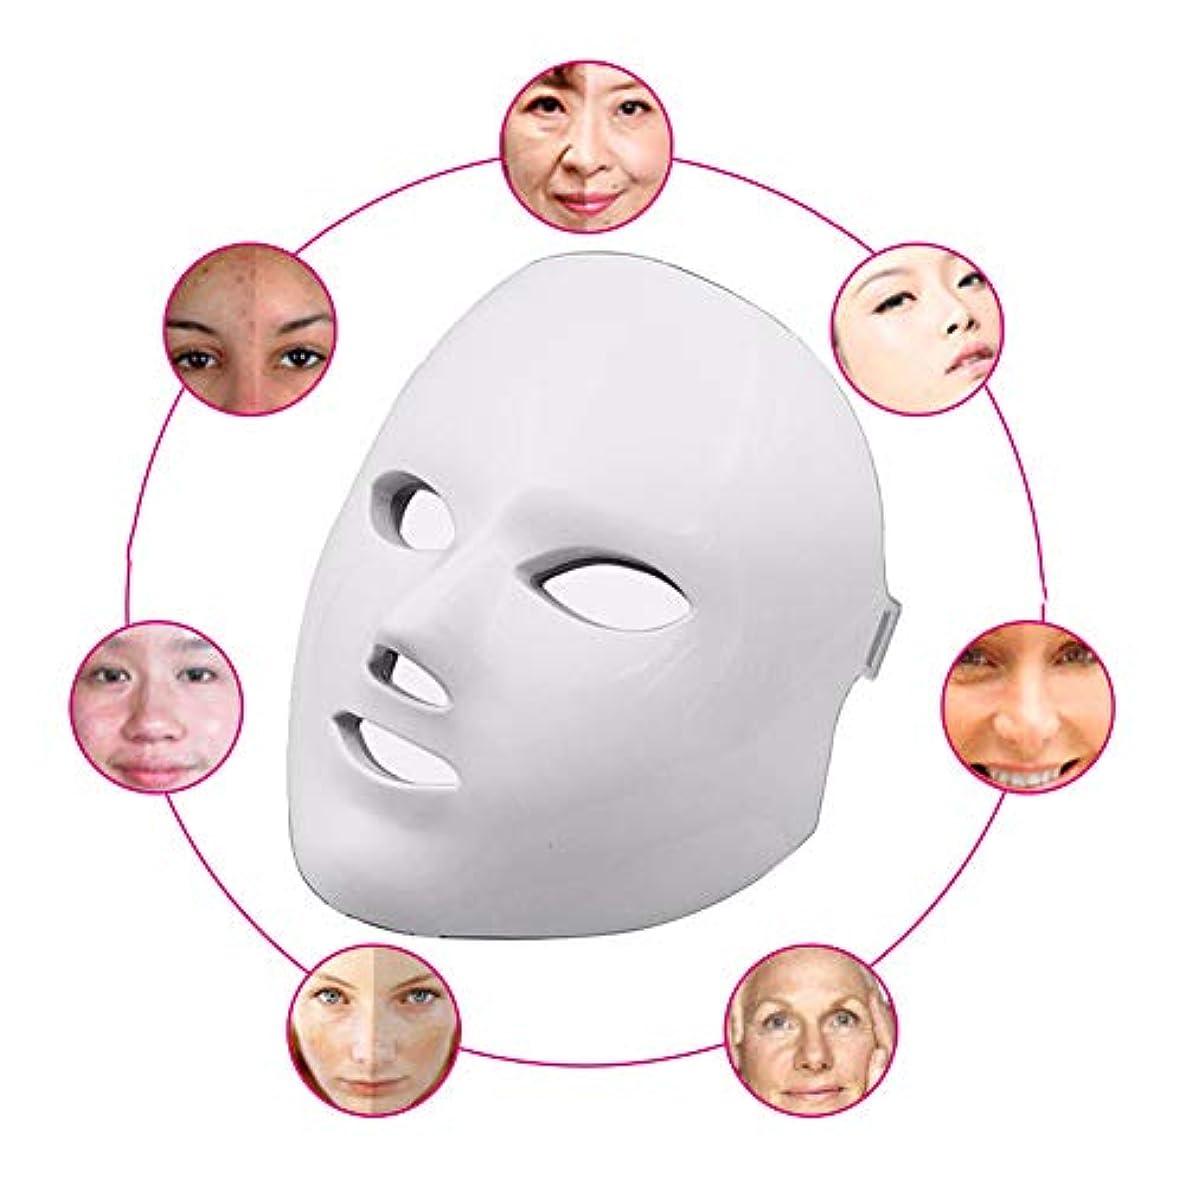 色刺すスリット赤色光光子治療機7色ledマスク再生PDT抗にきびしわ顔の美しさマッサージツール,White